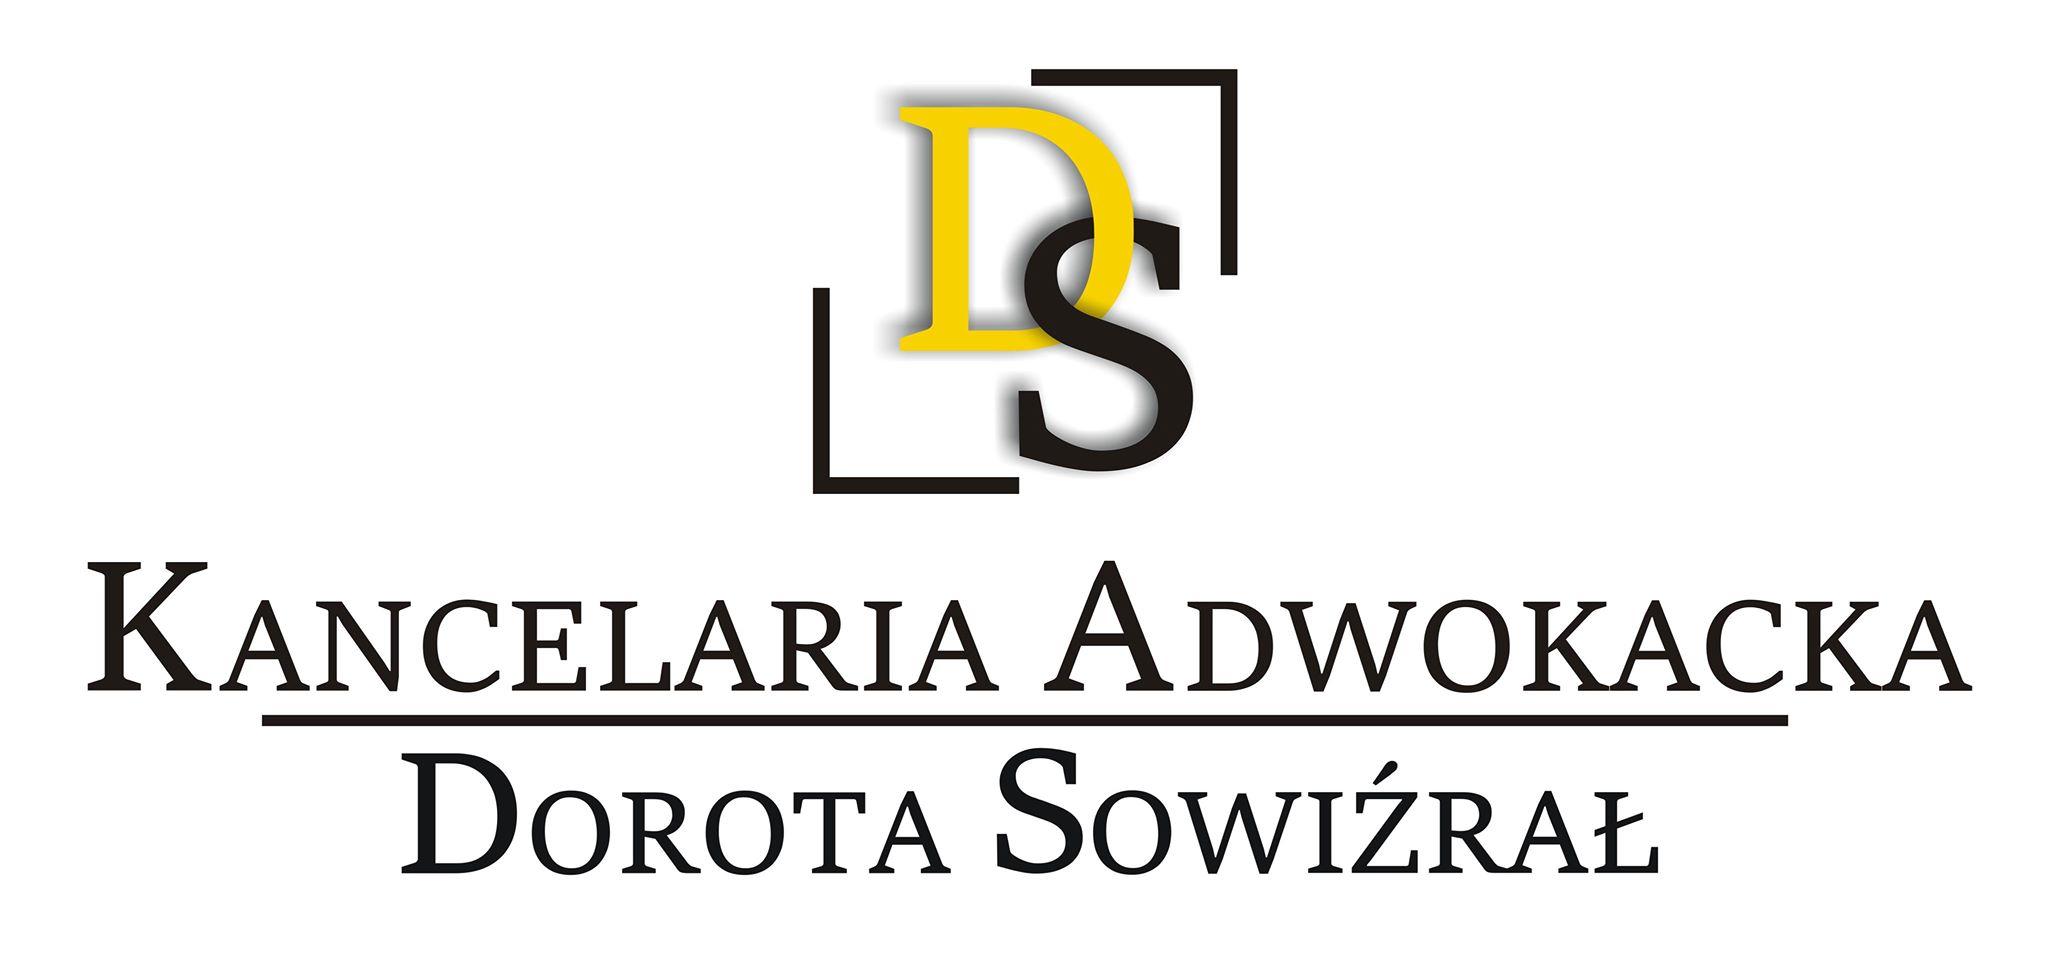 Dorota Sowiźrał Adwokat